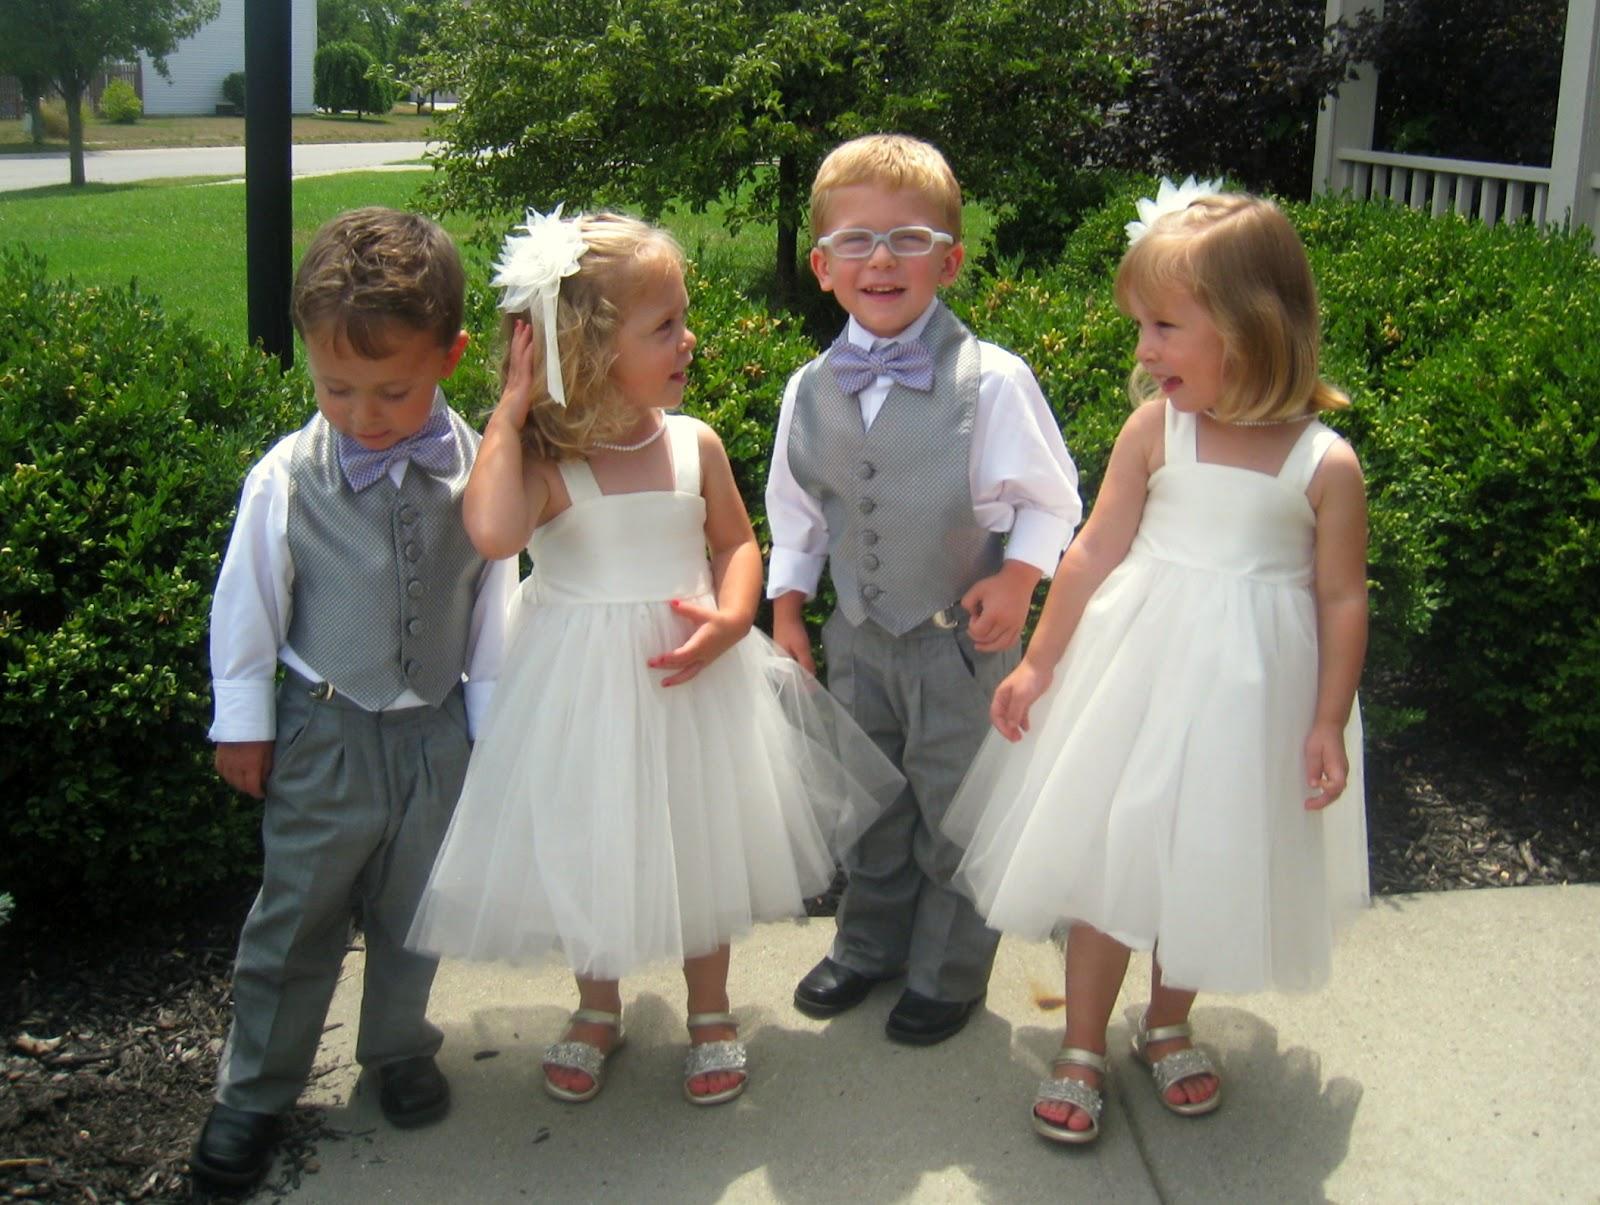 Fotky s deťmi inšpirácie - Obrázok č. 85